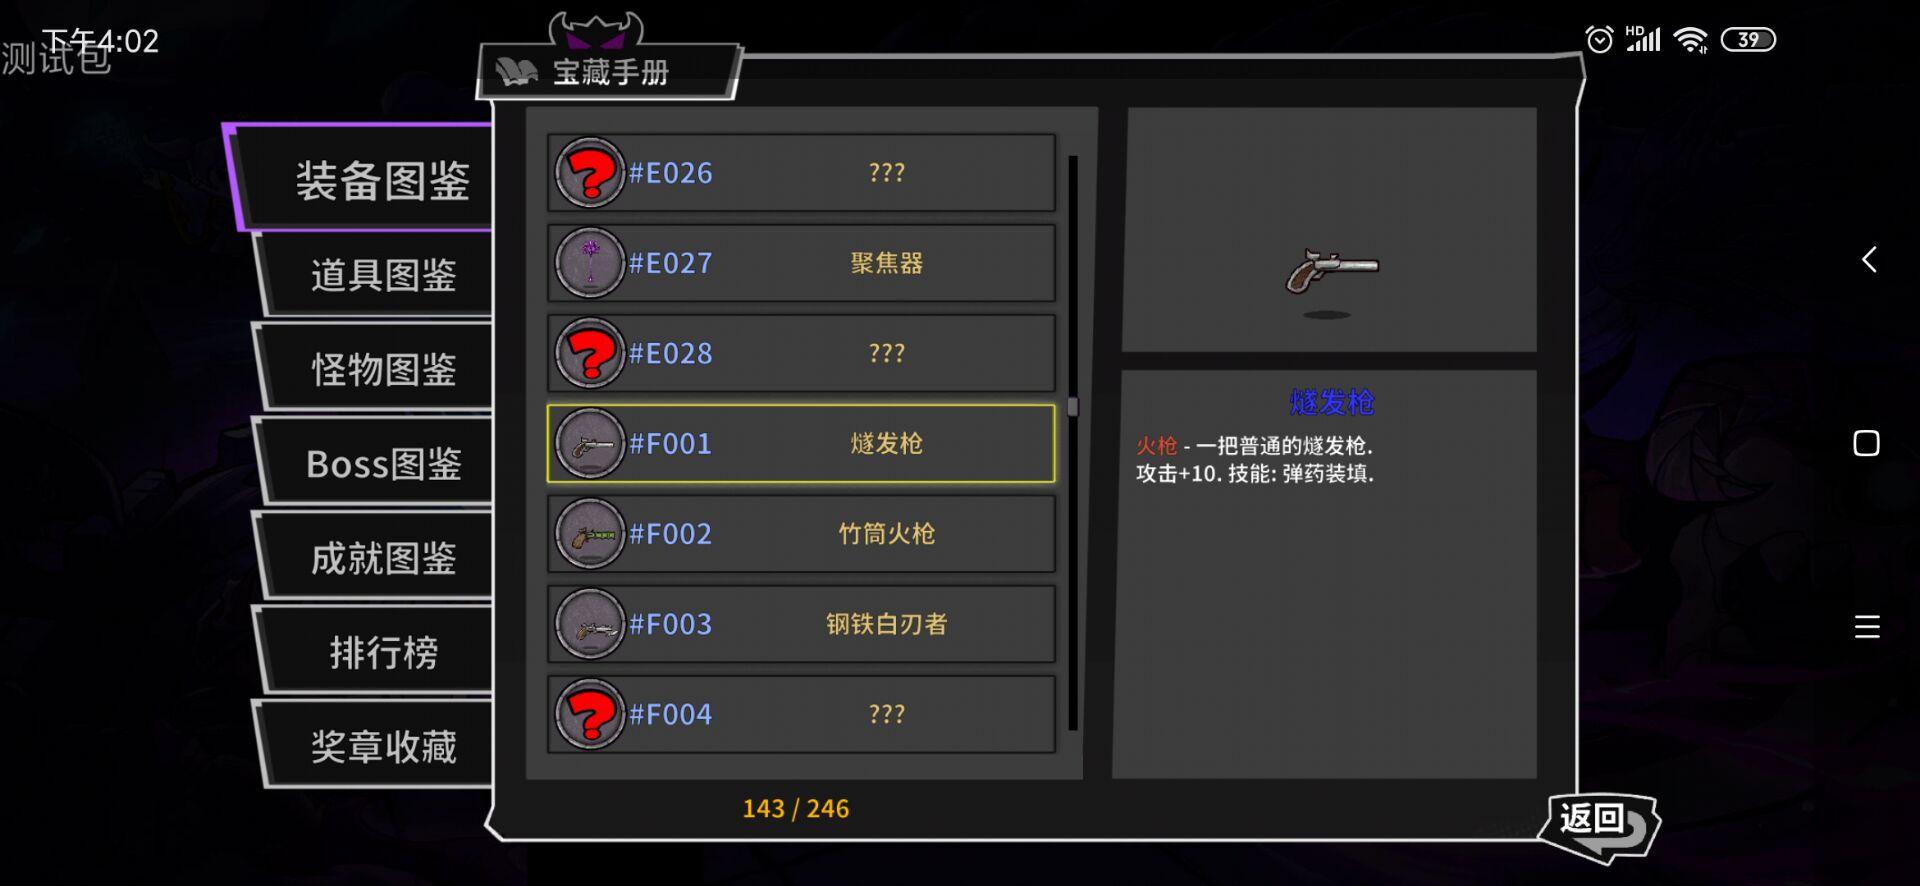 www.58365365.com落城堡手游霰弹枪介绍_失落城堡霰弹